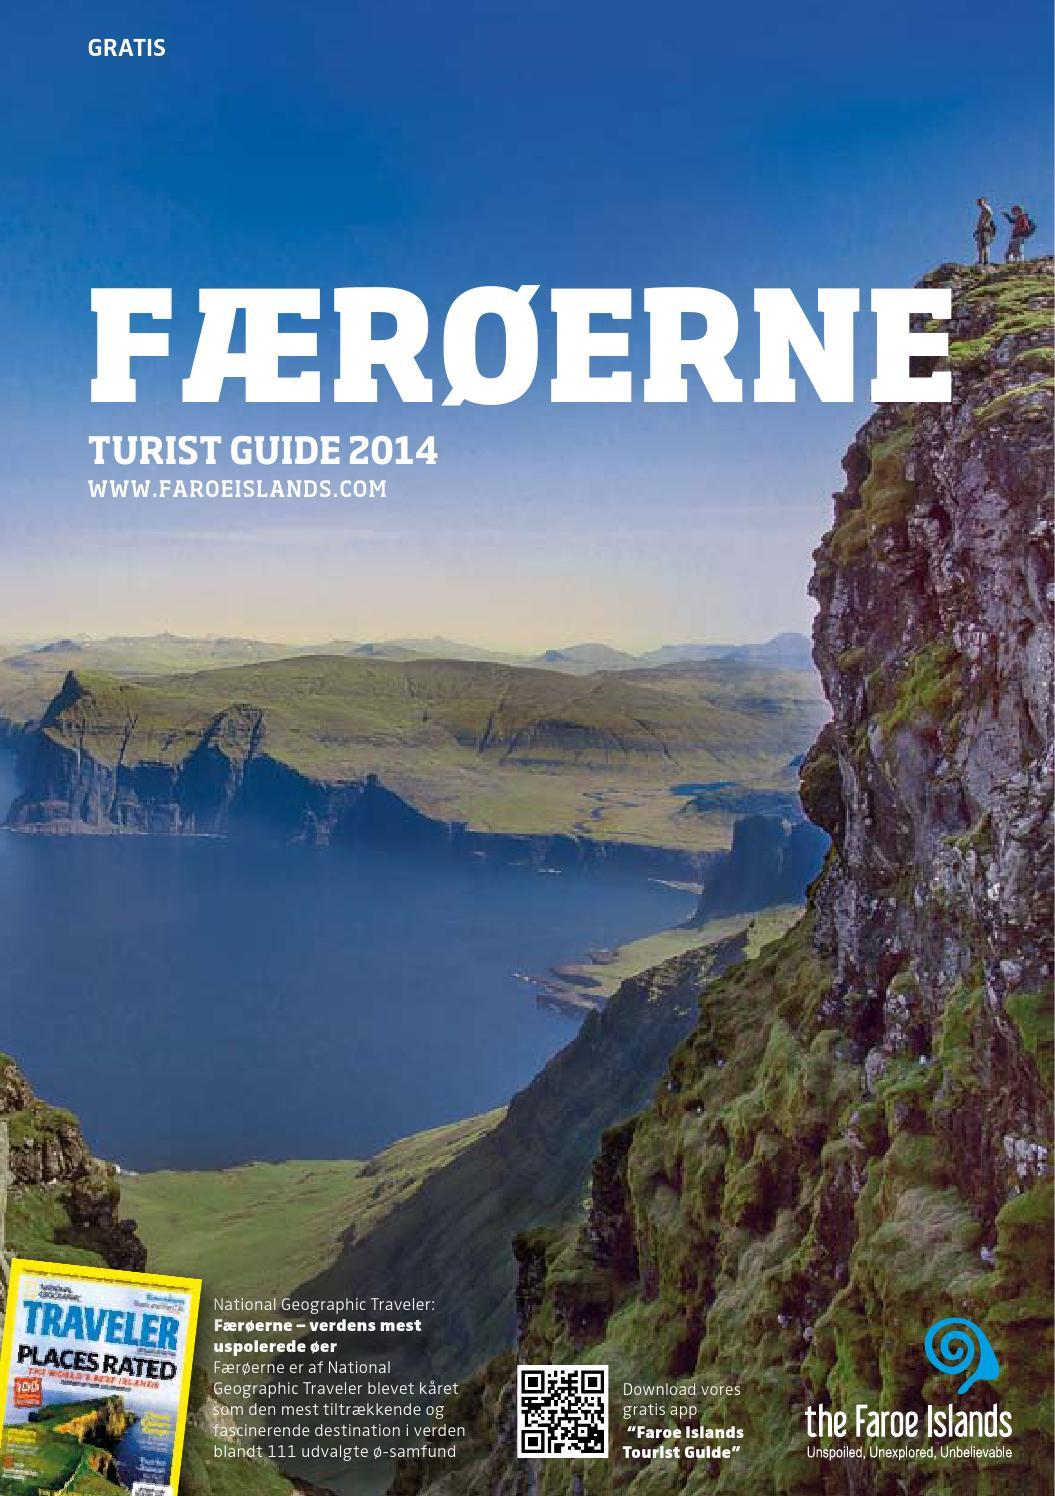 Faeroerne Tourist Guide 2014 By Visit Faroe Islands Issuu